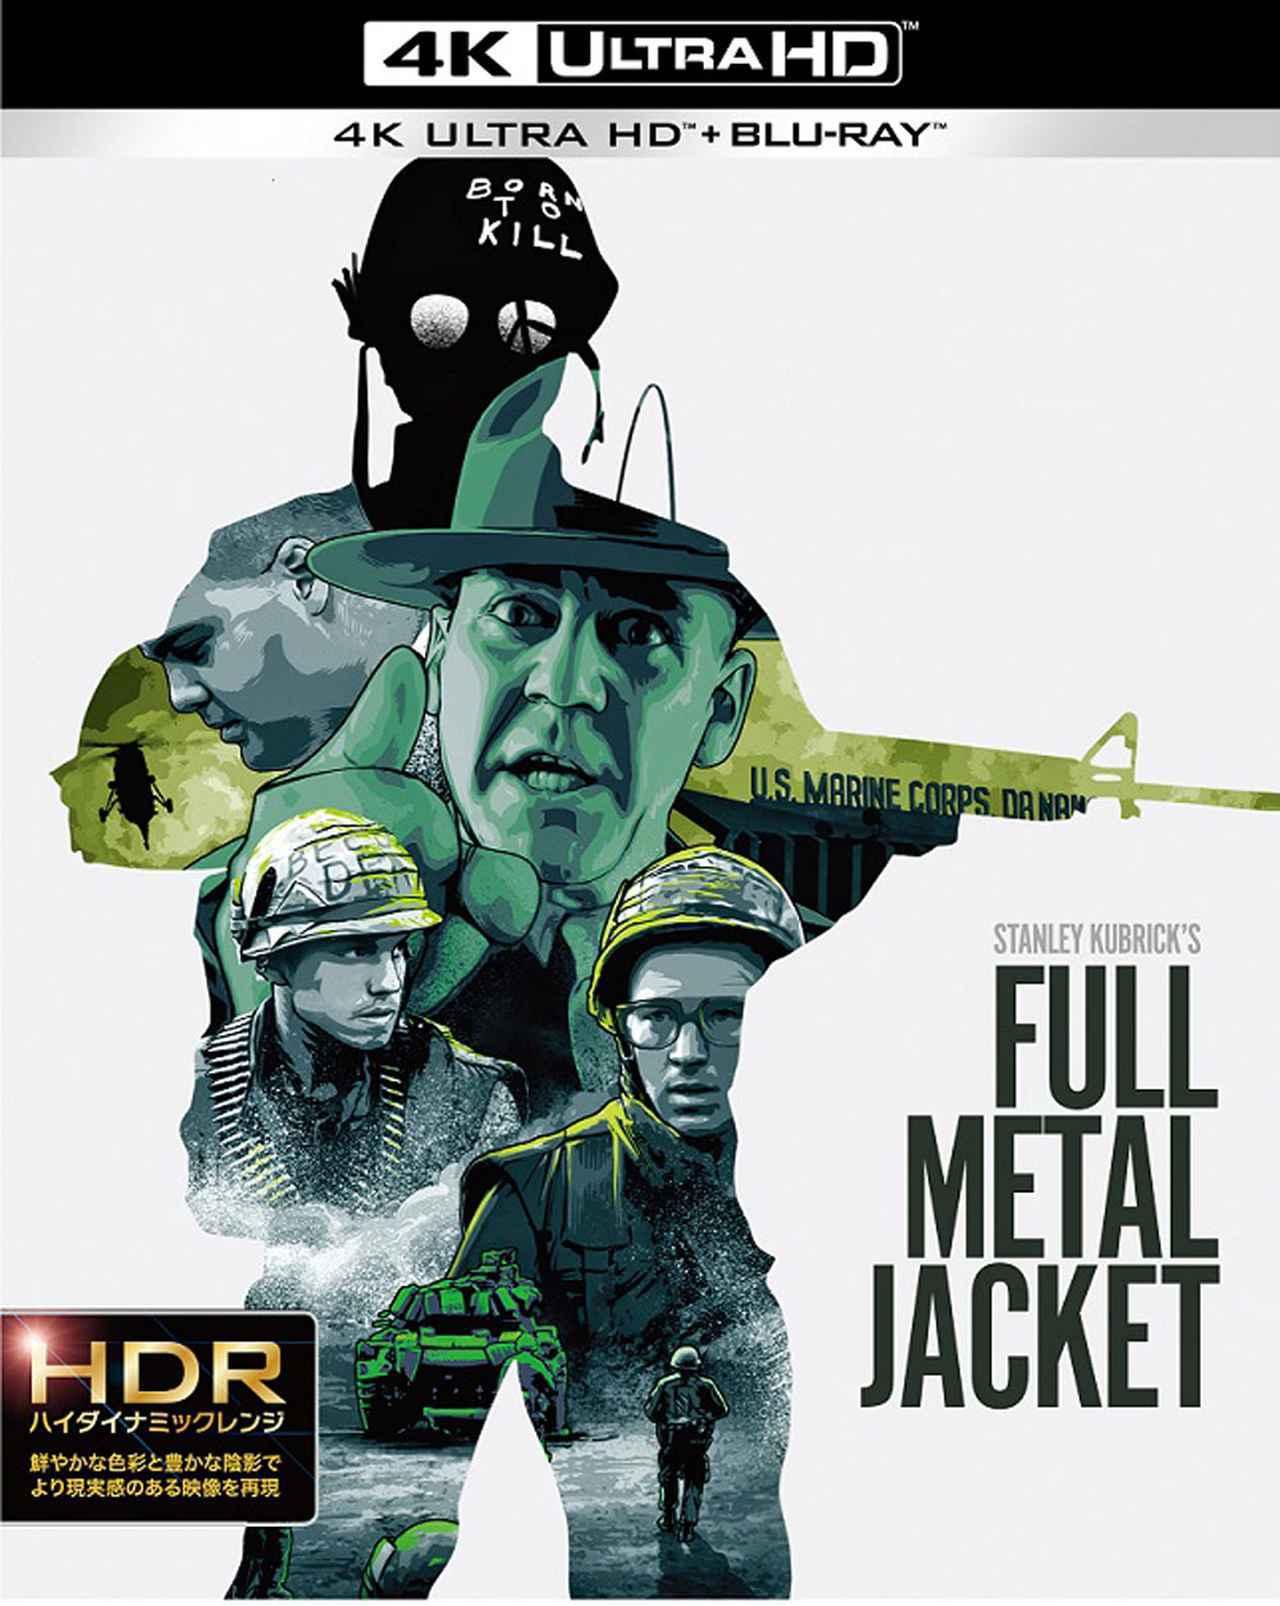 画像1: 巨匠スタンリー・キューブリックが描く、戦争映画の傑作『フルメタル・ジャケット』が、4K ULTRA HDで遂に登場!